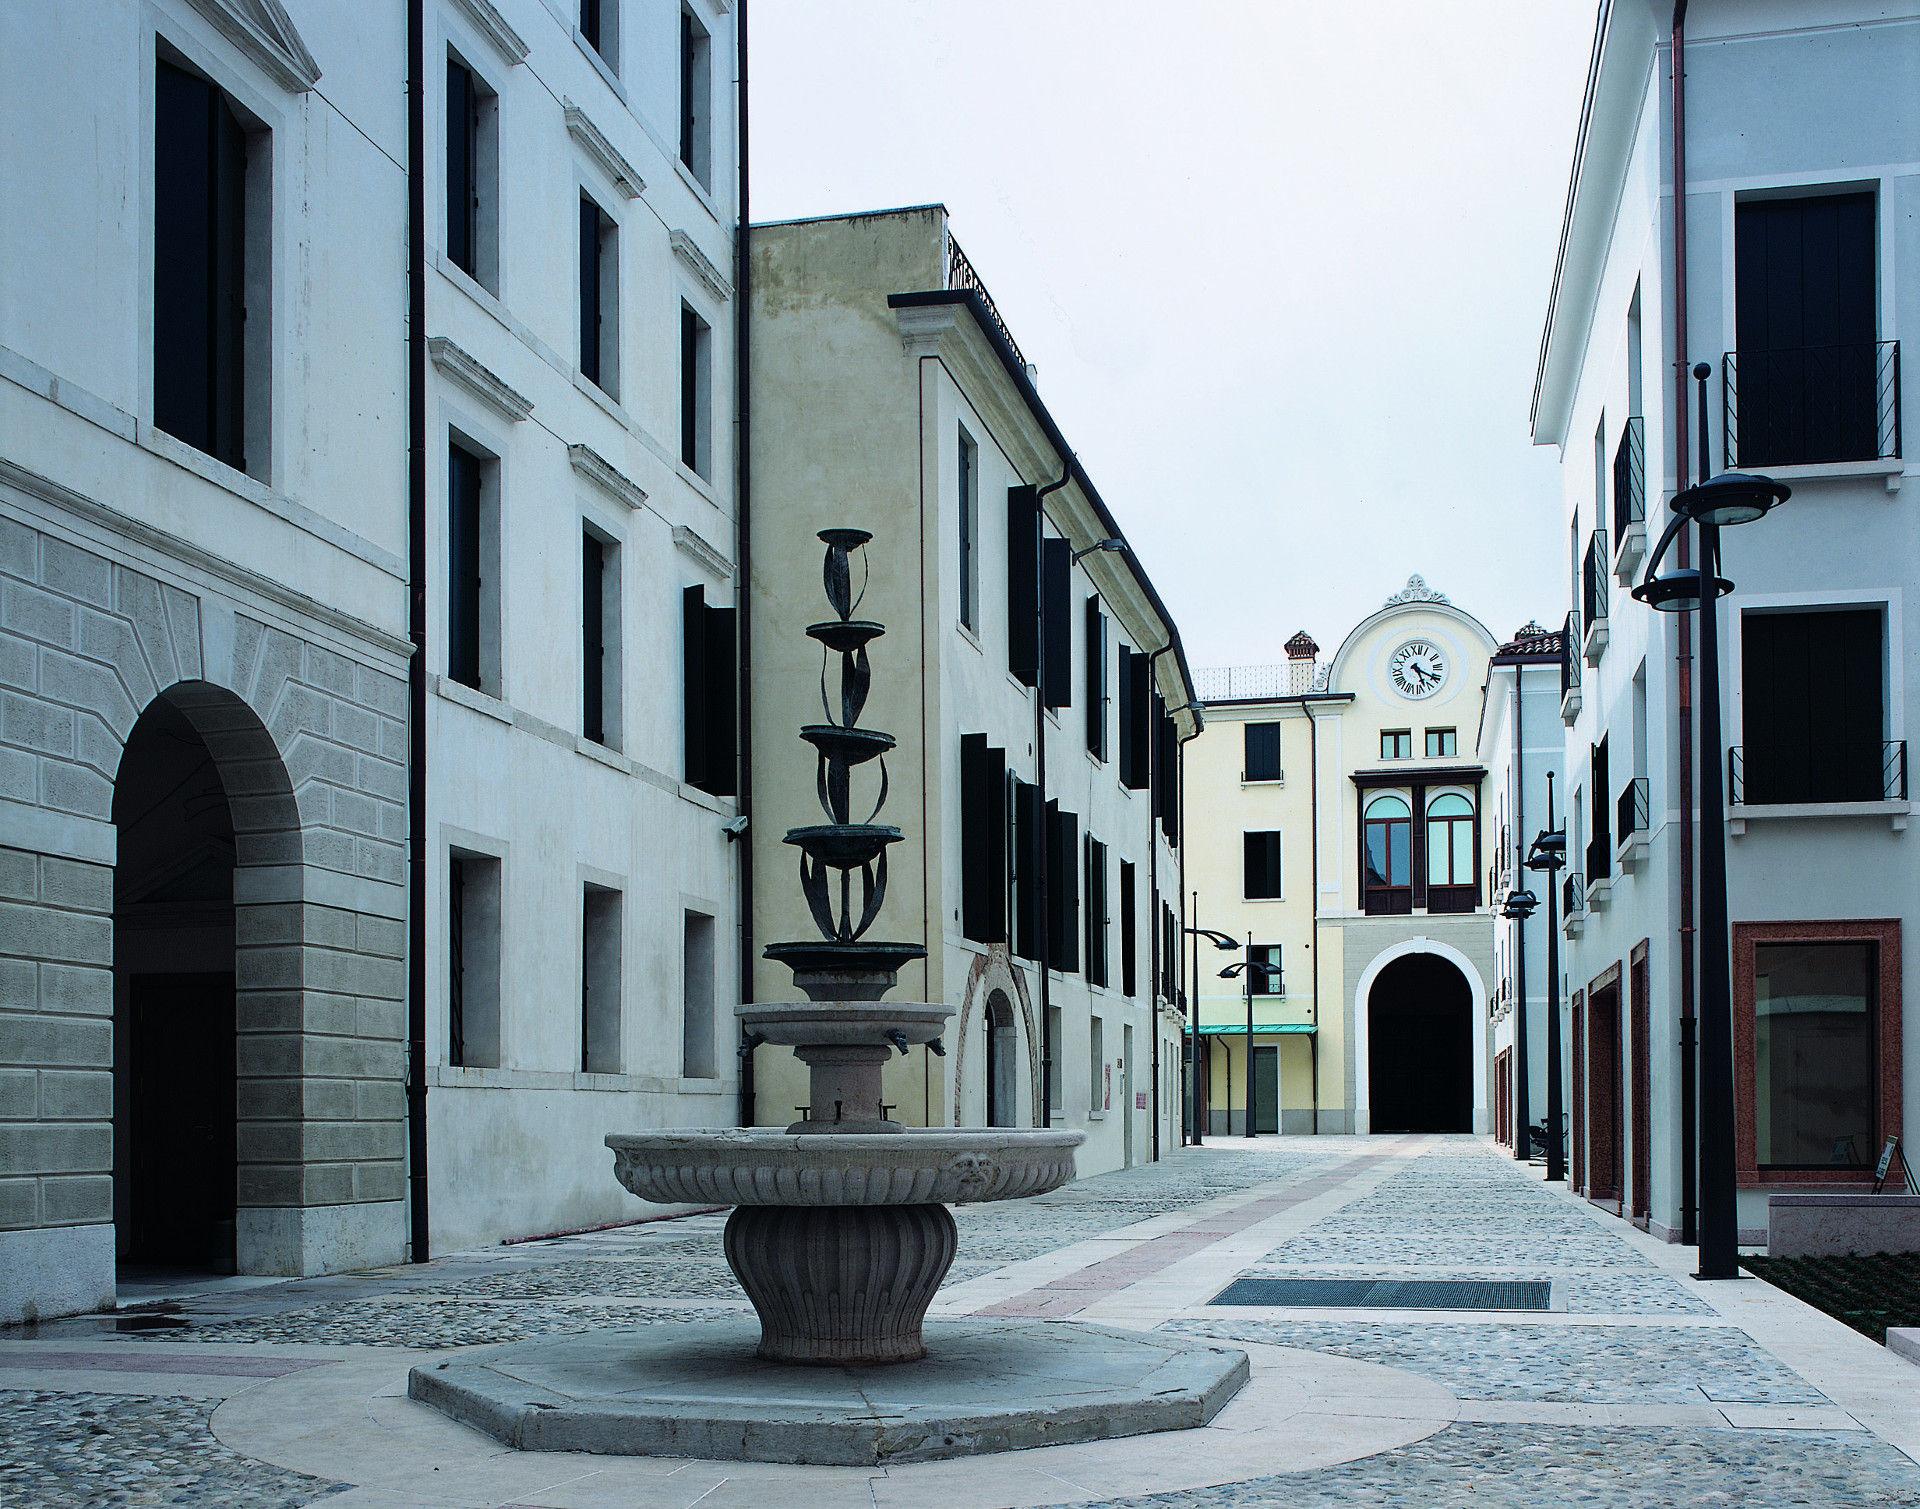 Il Quartiere Latino di Treviso - image 4